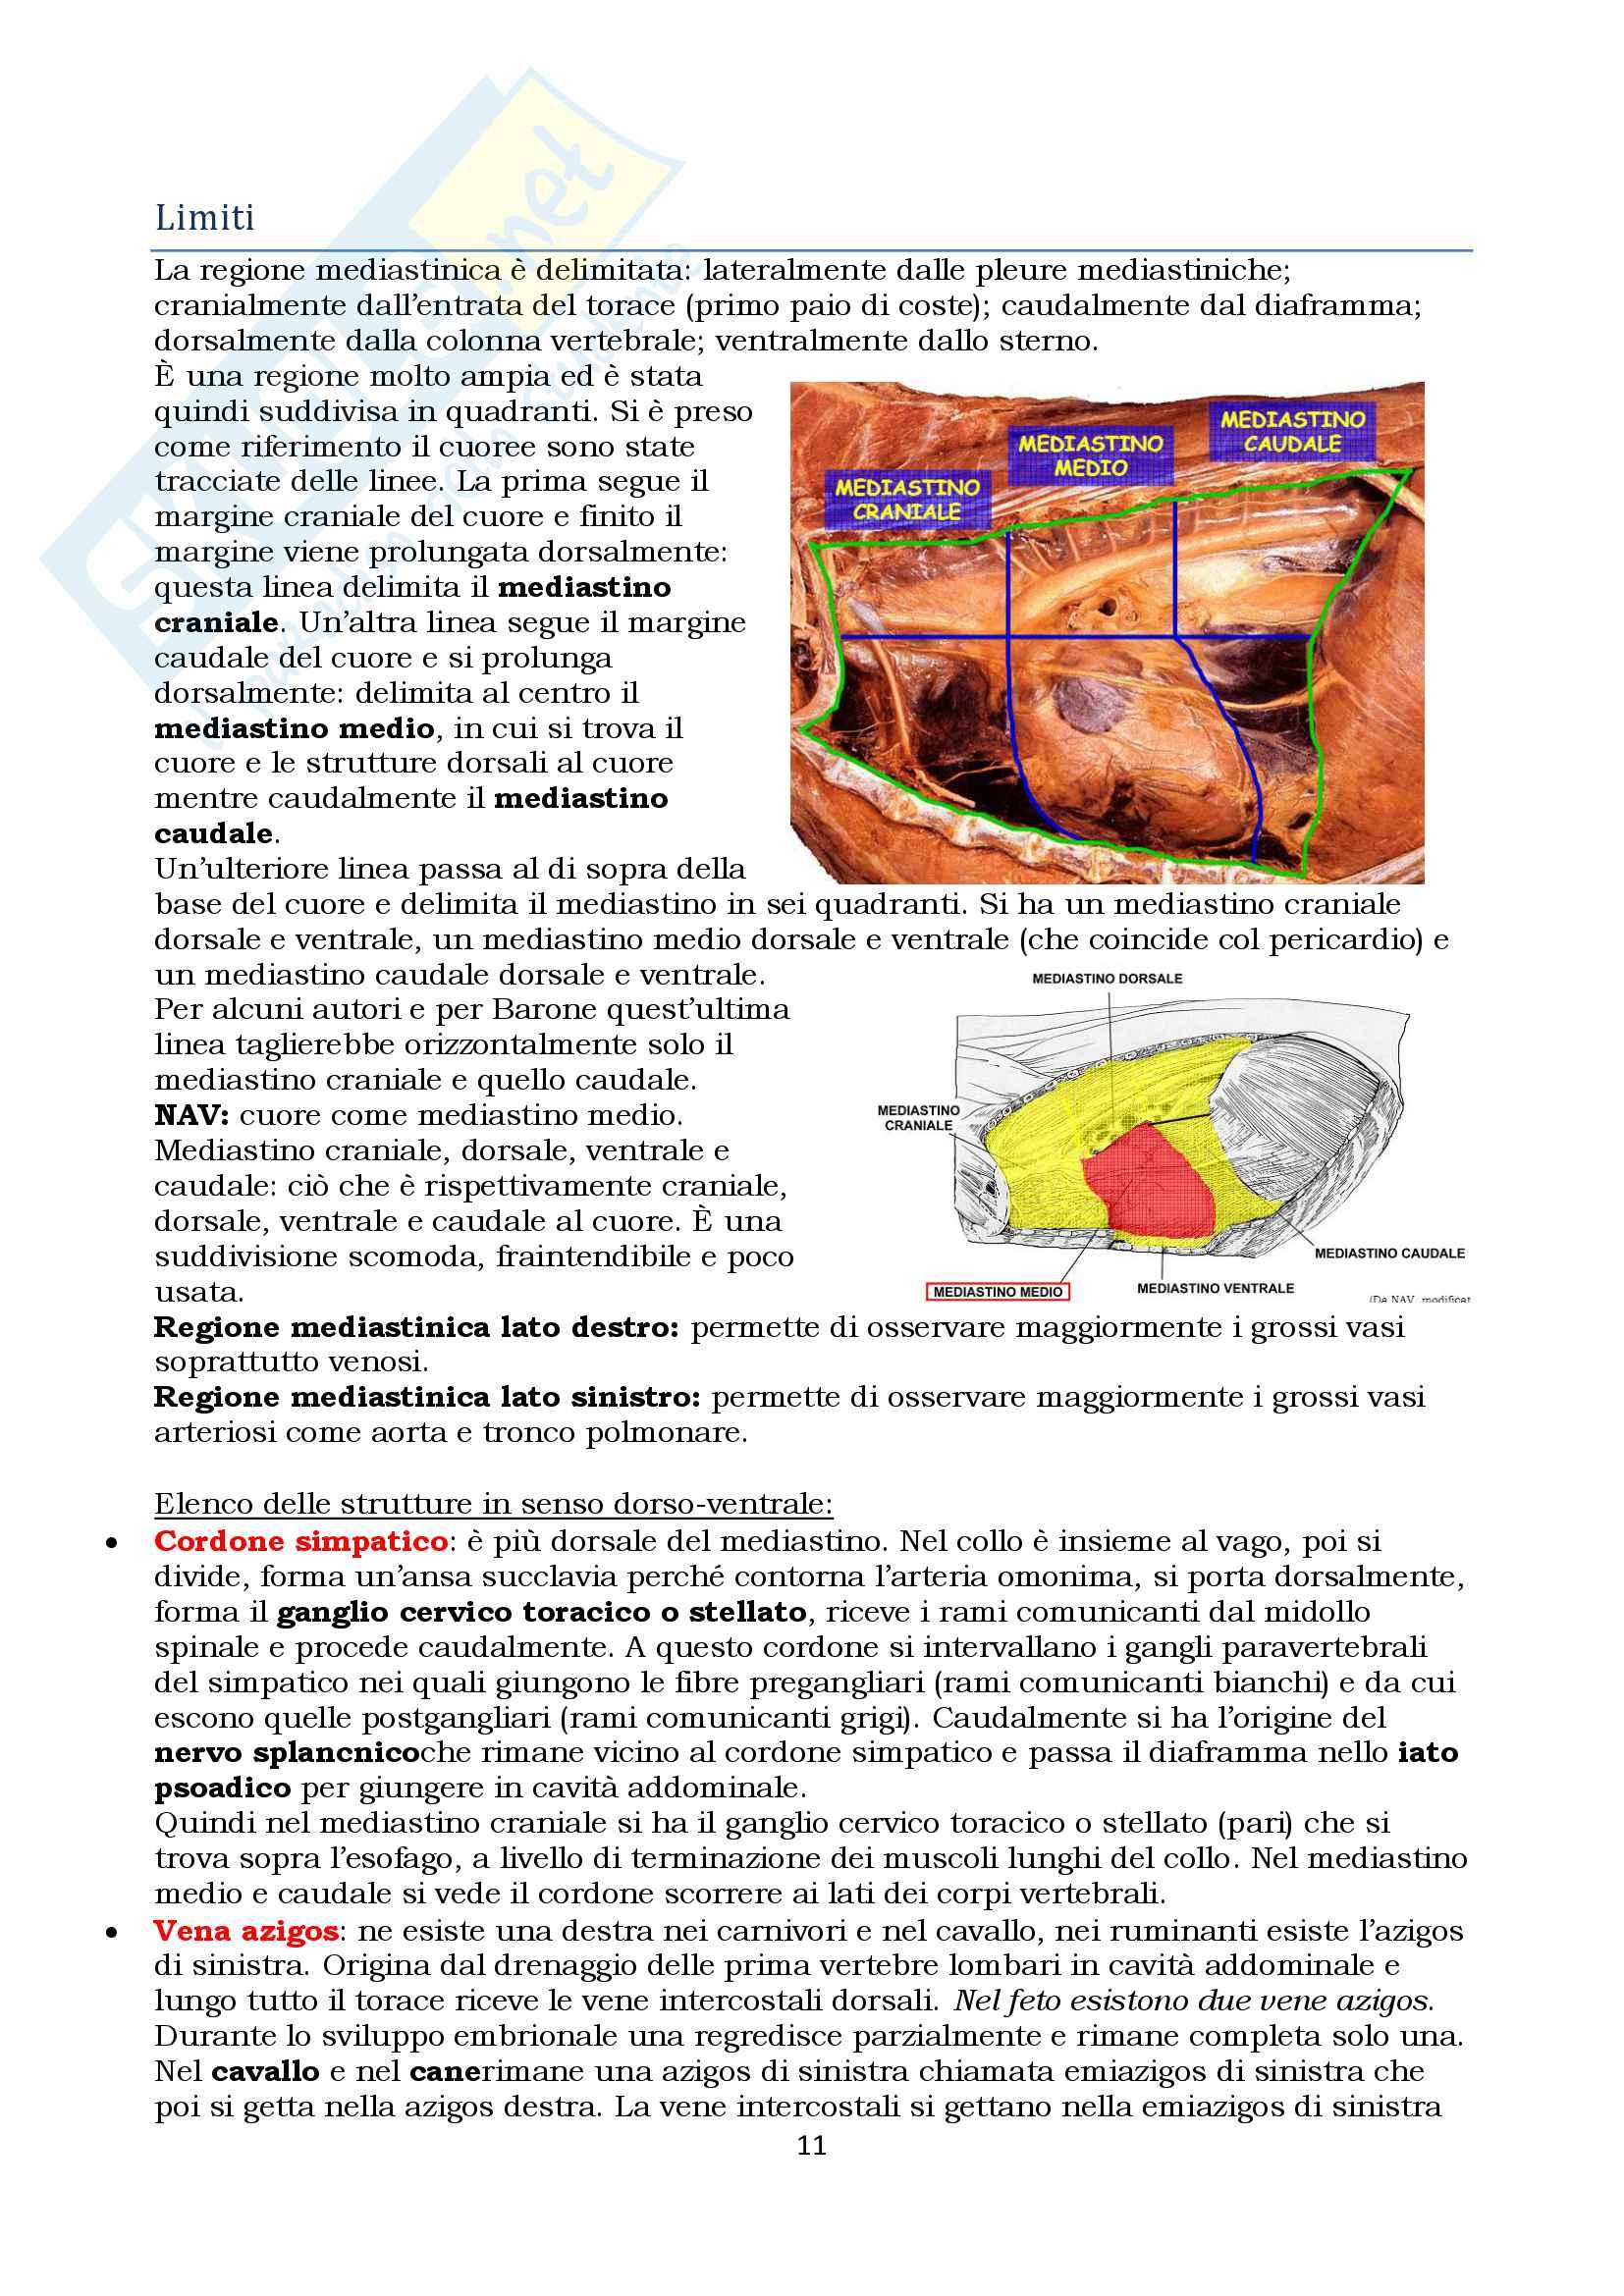 Anatomia topografica veterinaria parte II (piccoli e grandi animali) Pag. 11